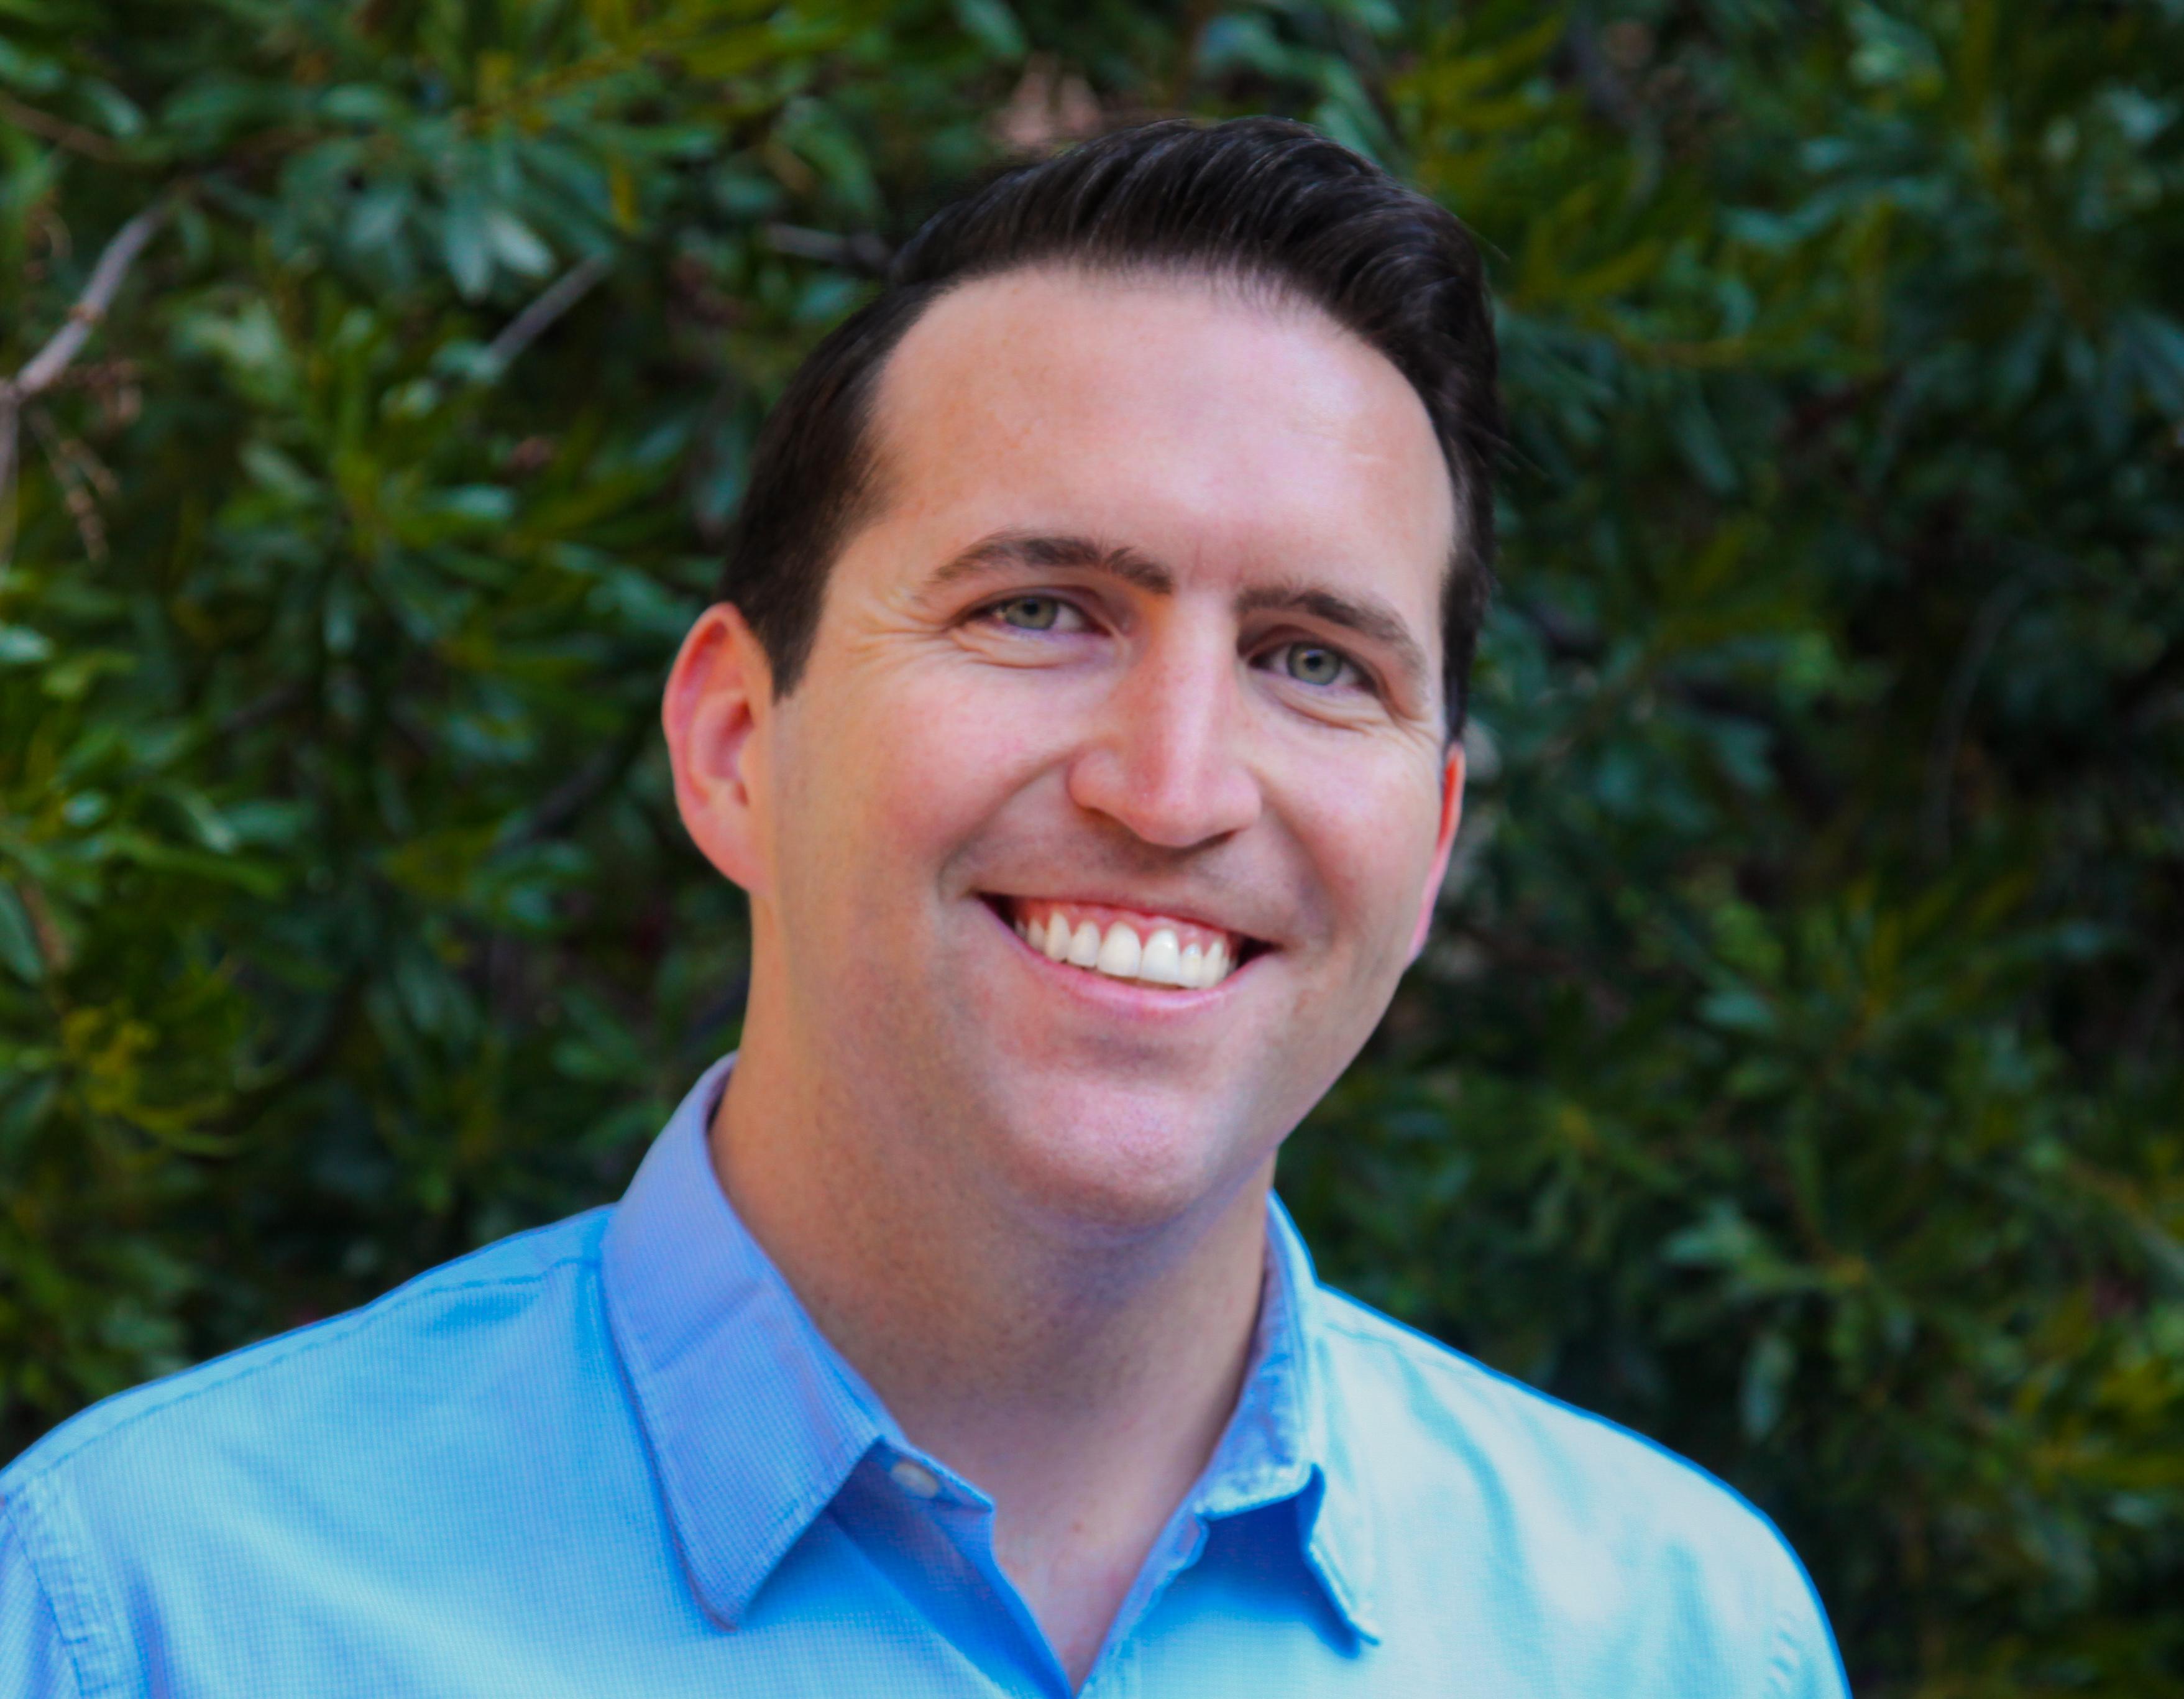 Tanner Osborn